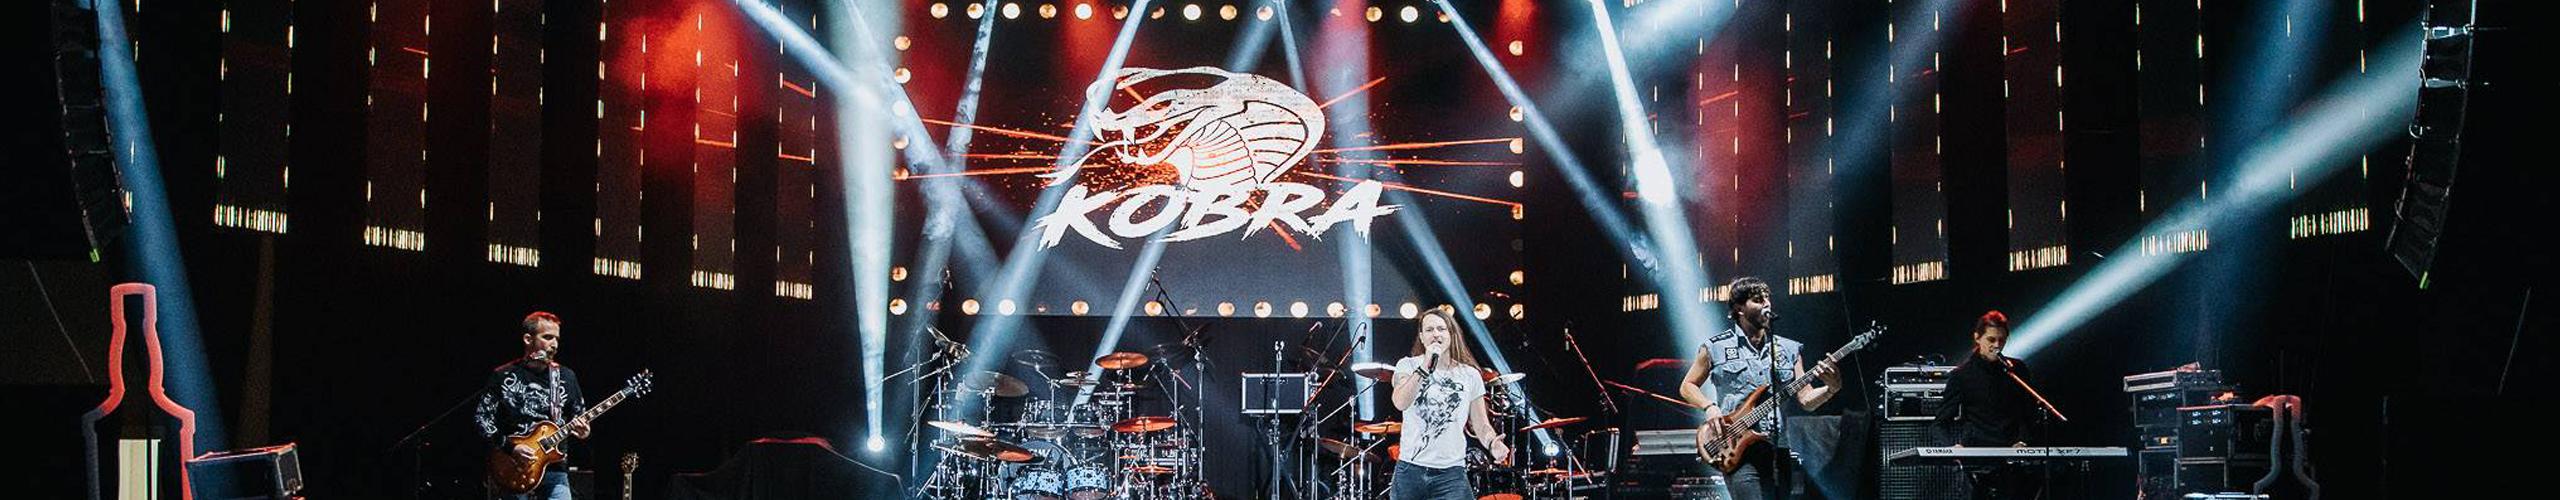 Kobra Rockshow